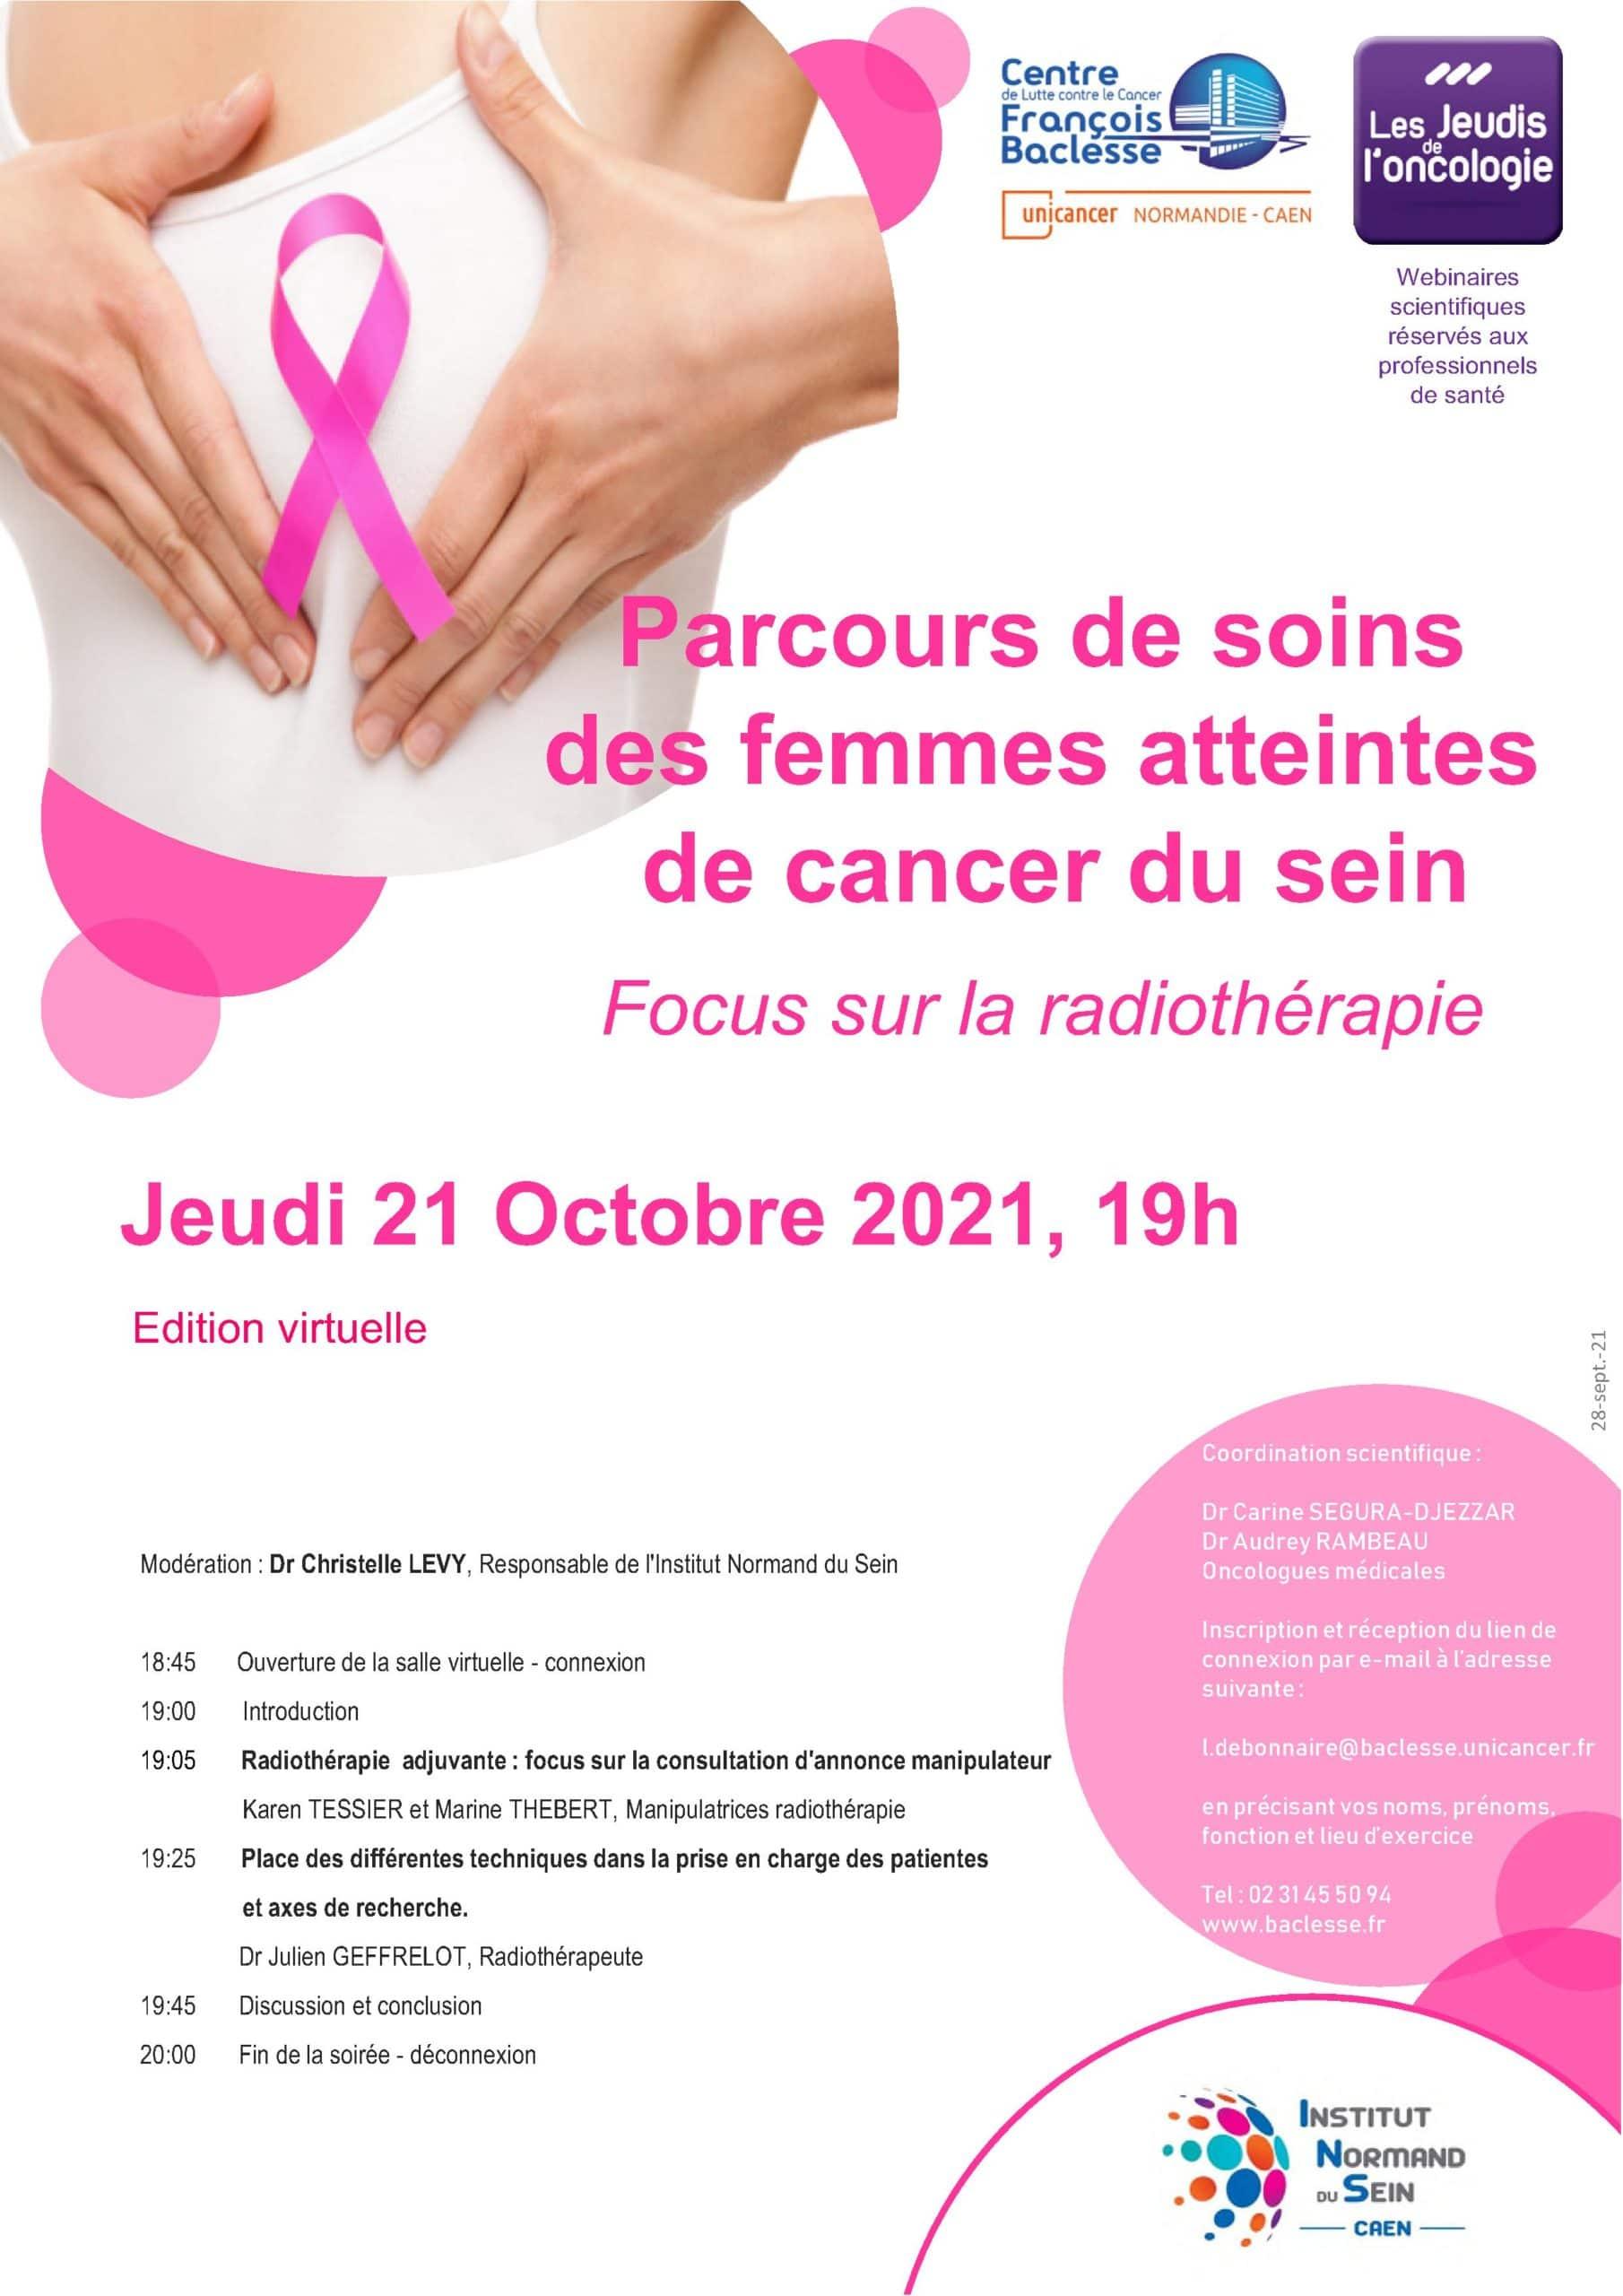 Jeudi 21OCTOBRE2021 CANCER DU SEIN RTE scaled - Parcours de soins des femmes atteintes de cancer du sein - Focus sur la radiothérapie